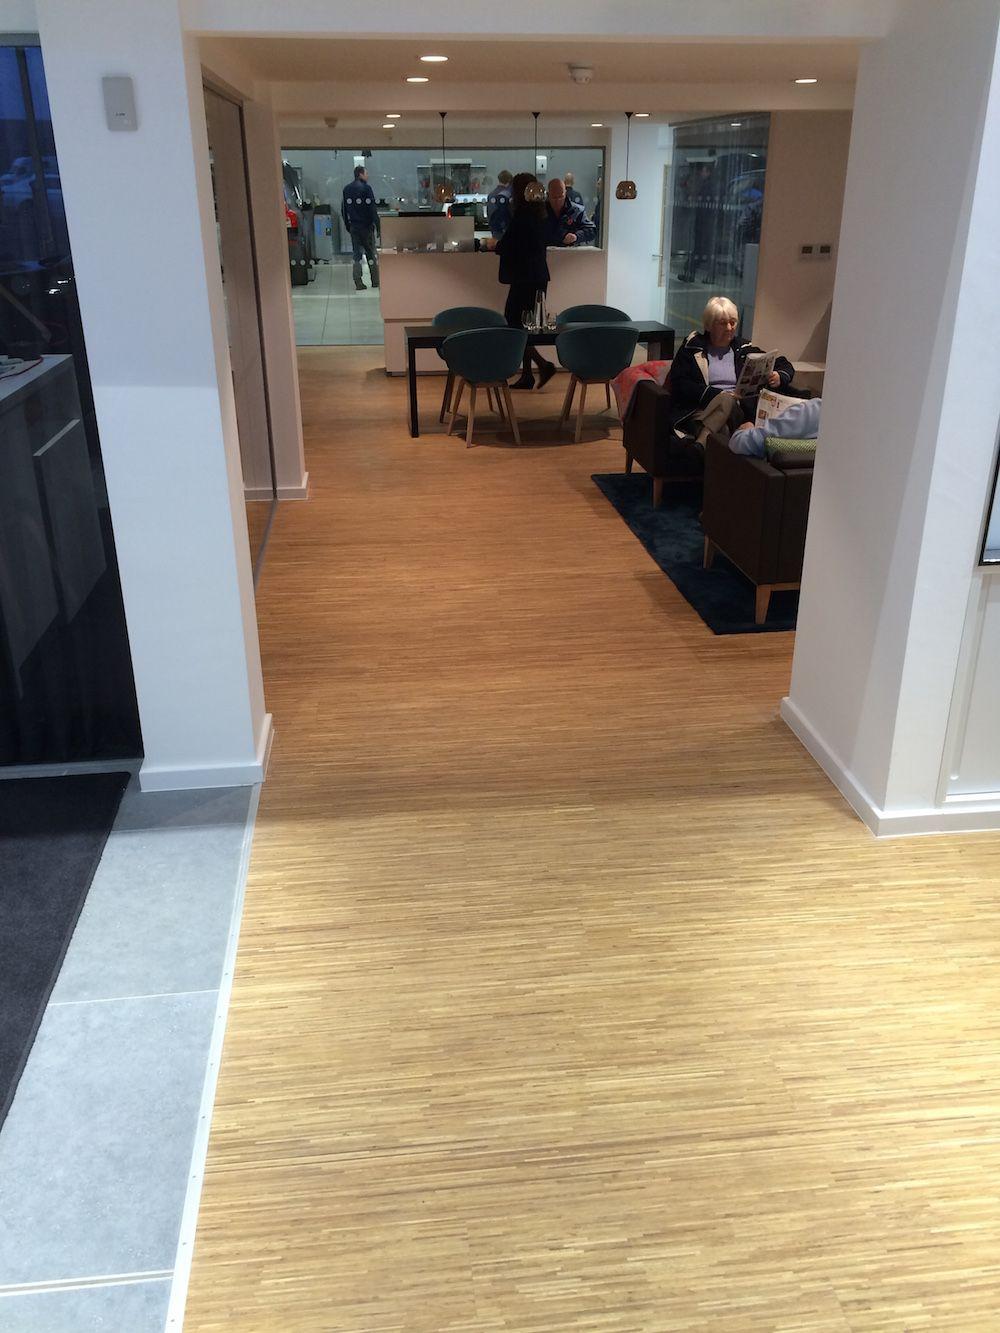 Malton Volvo showroom with Fineline oak floor Vloeren